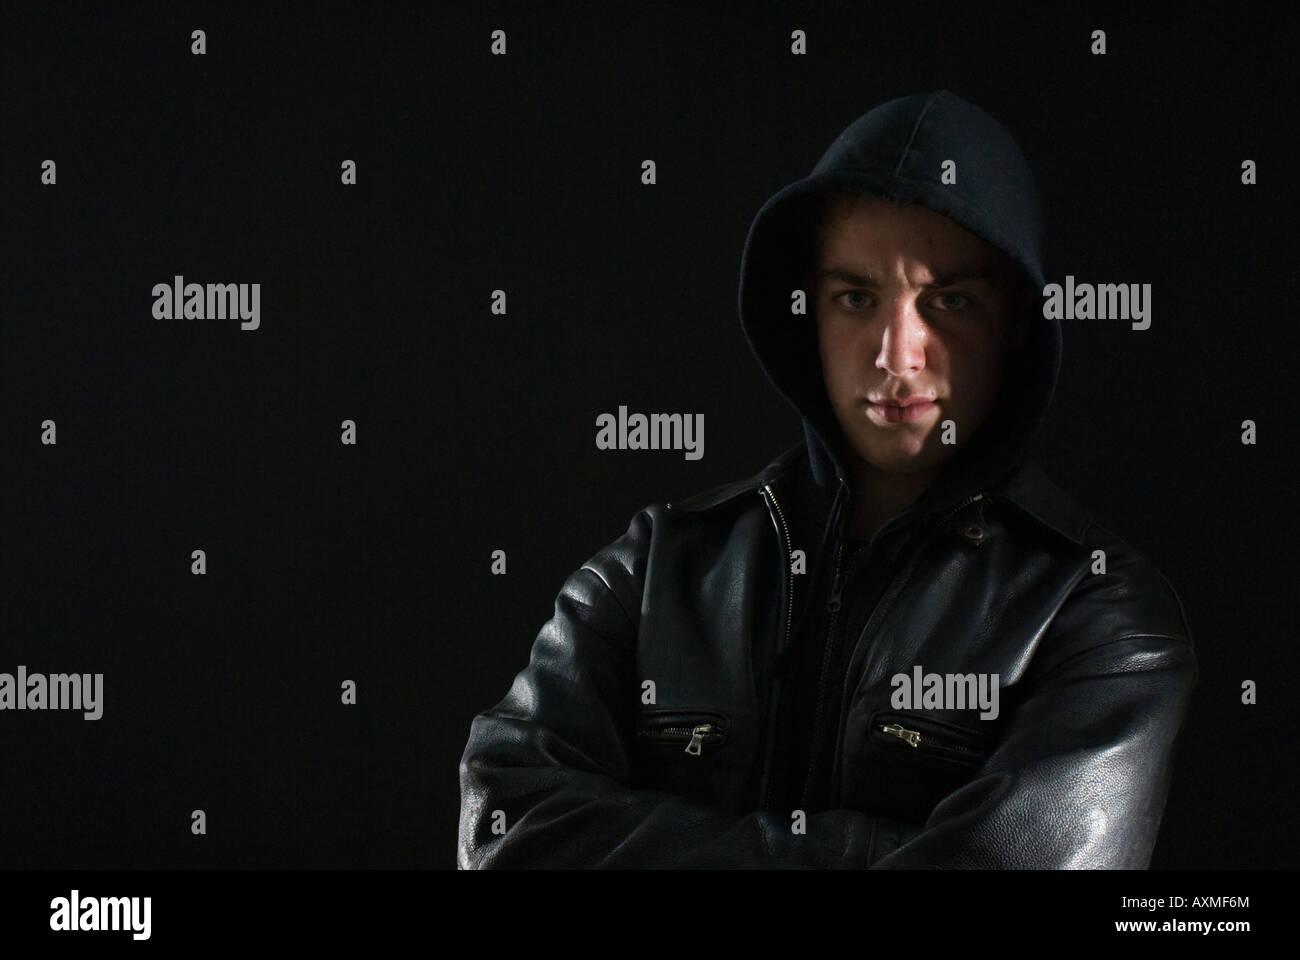 Menacing teenage boy in hoody - Stock Image